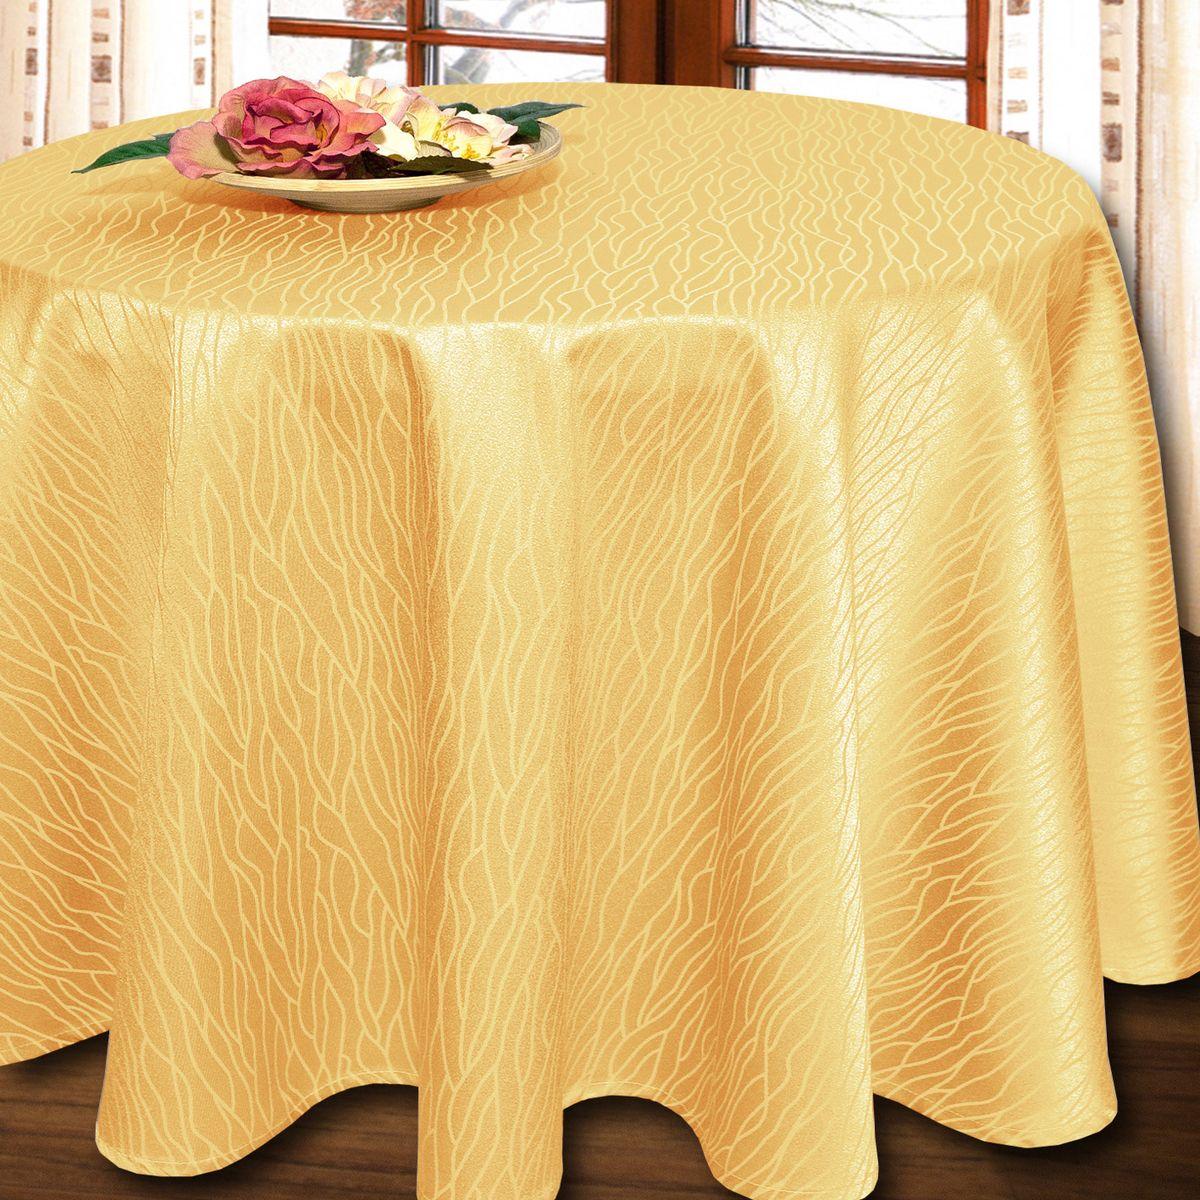 Скатерть Schaefer, круглая, цвет: желтый, диаметр 160 см. 07424-426VT-1520(SR)Круглая скатерть Schaefer выполнена из полиэстера и хлопка.Изделия из полиэстера легко стирать: они не мнутся, не садятся и быстро сохнут, они более долговечны, чем изделия из натуральных волокон.Немецкая компания Schaefer создана в 1921 году. На протяжении всего времени существования она создает уникальные коллекции домашнего текстиля для гостиных, спален, кухонь и ванных комнат. Дизайнерские идеи немецких художников компании Schaefer воплощаются в текстильных изделиях, которые сделают ваш дом красивее и уютнее и не останутся незамеченными вашими гостями. Дарите себе и близким красоту каждый день!